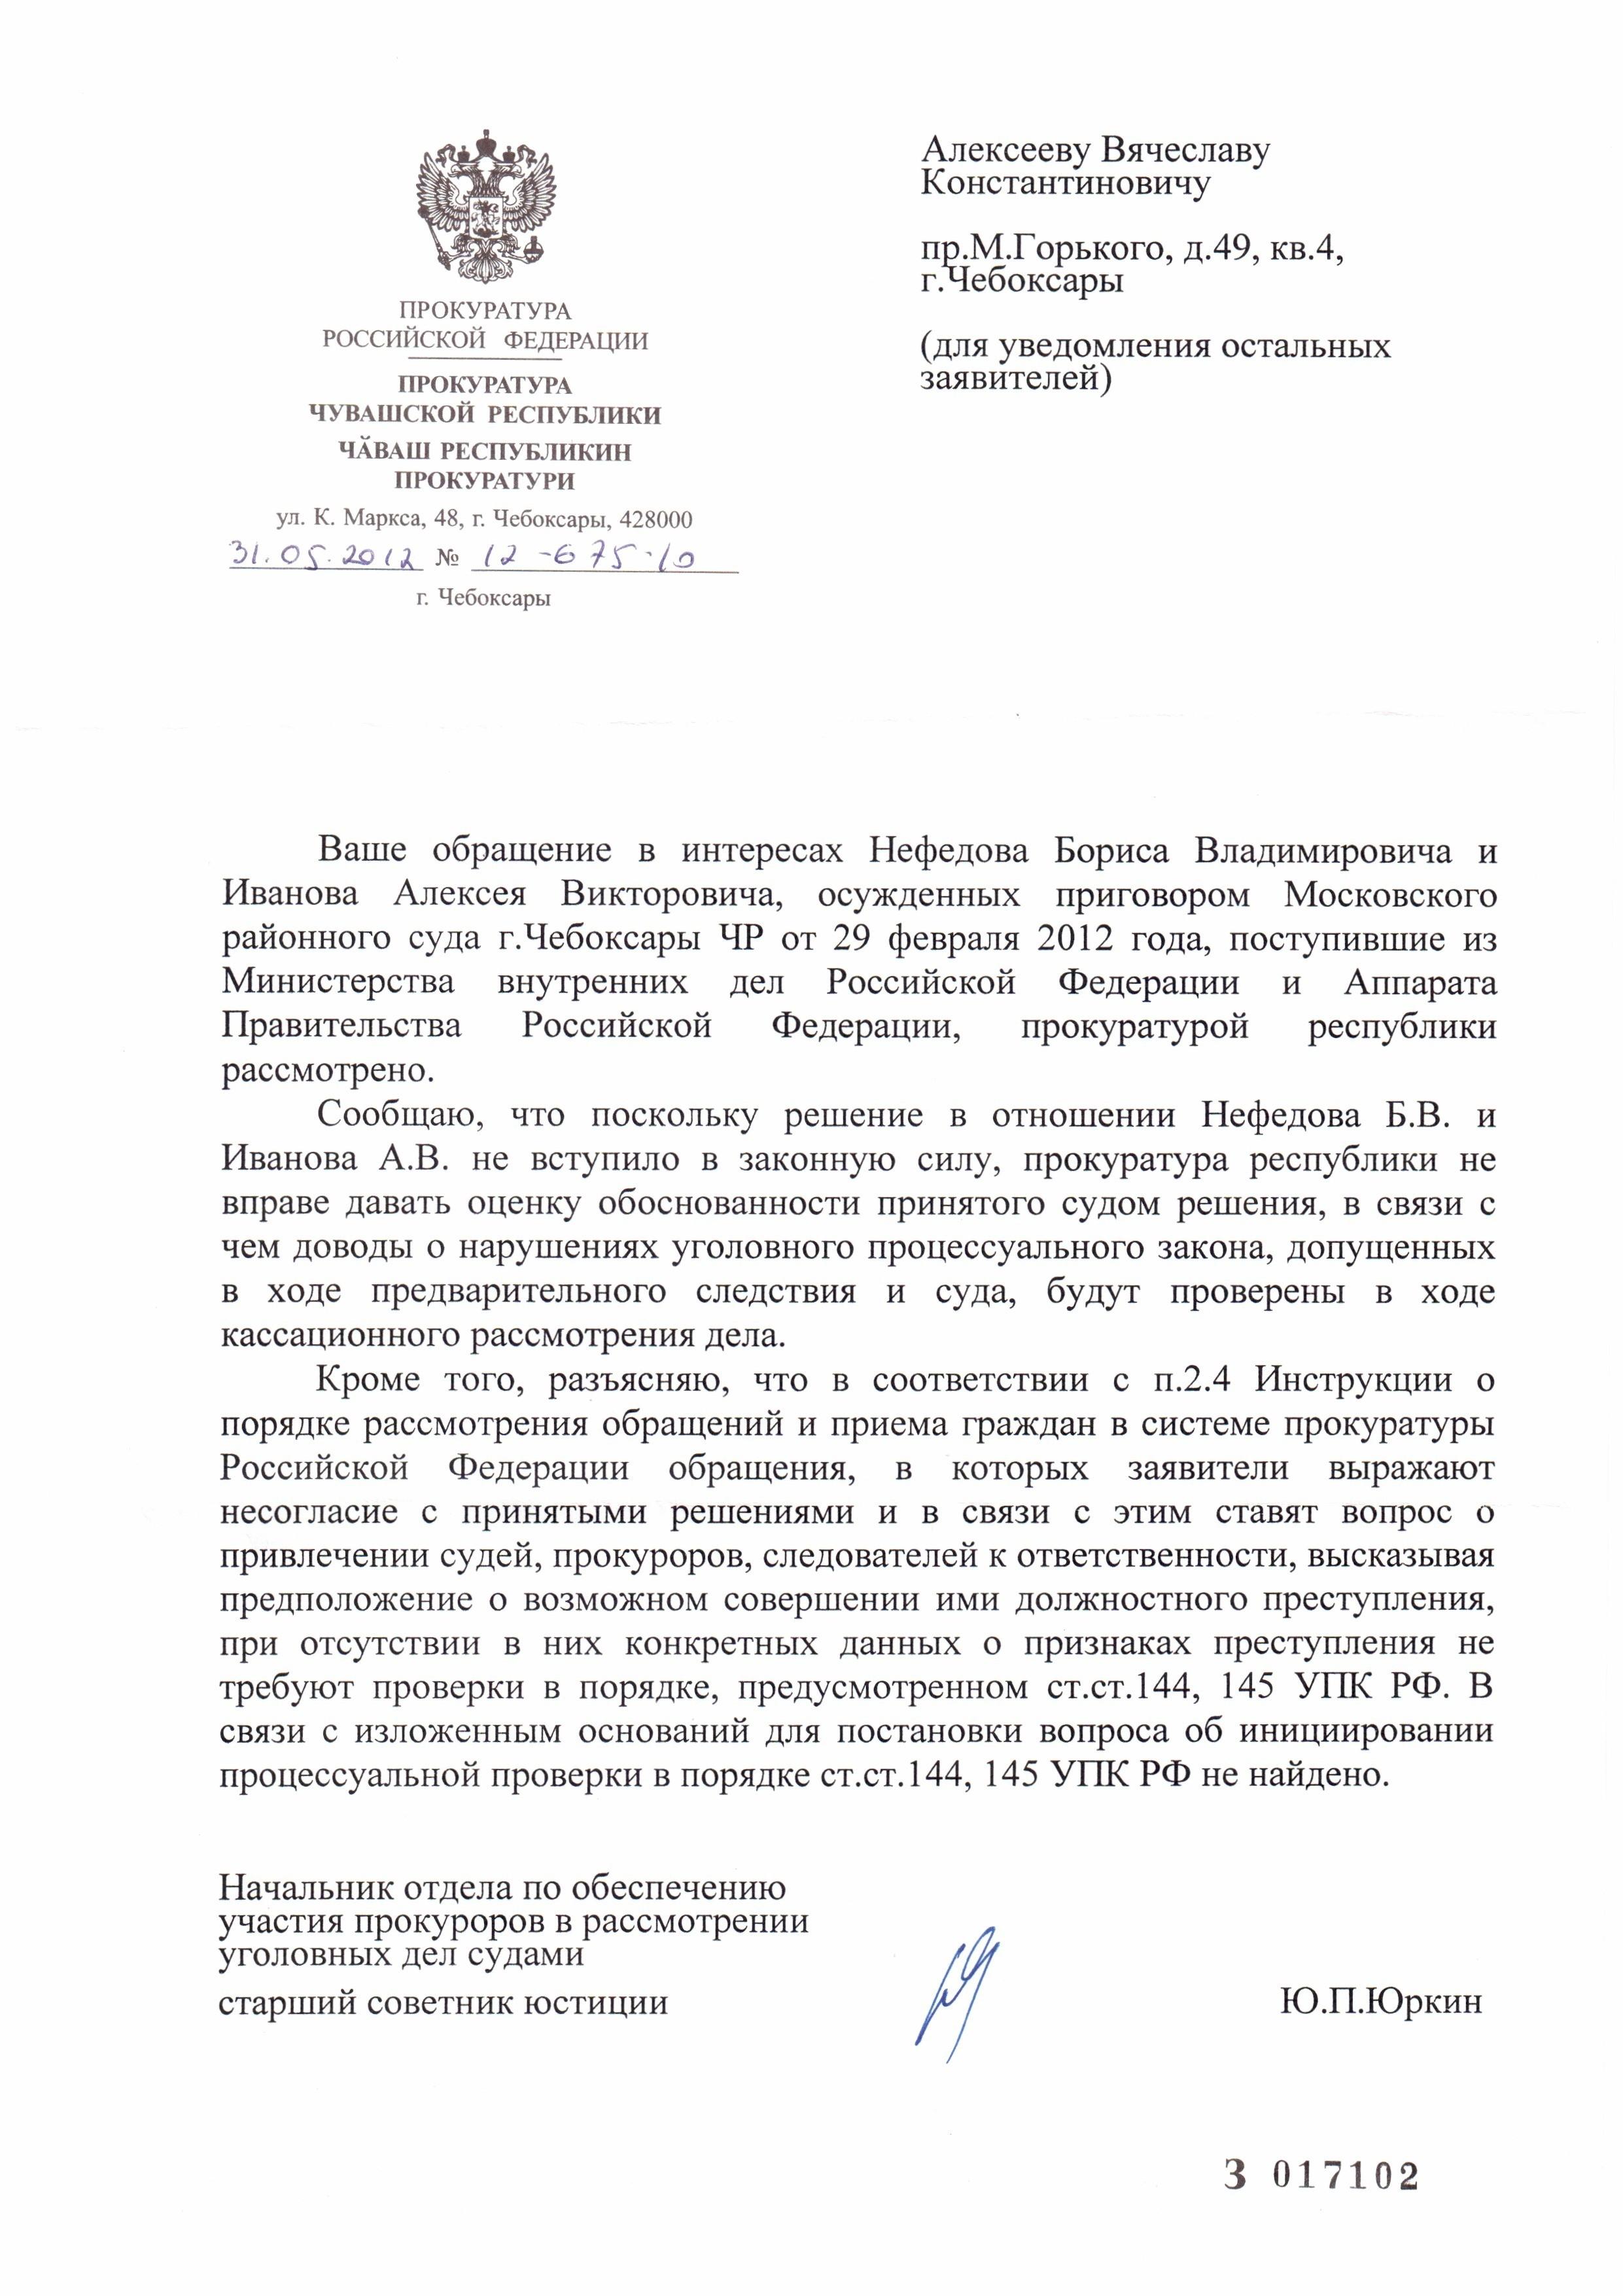 постановление о возвращении уголовного дела прокурору образец